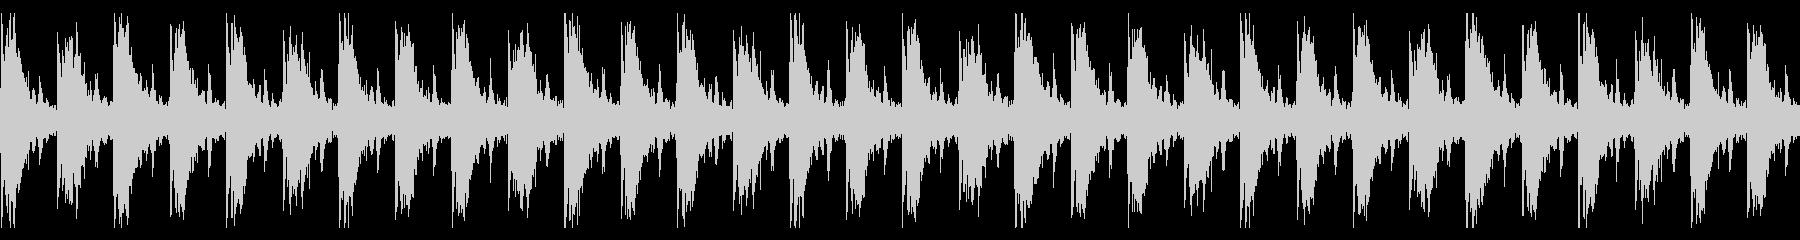 ピタゴラスイッチ風のBGM《鼓笛隊》の未再生の波形